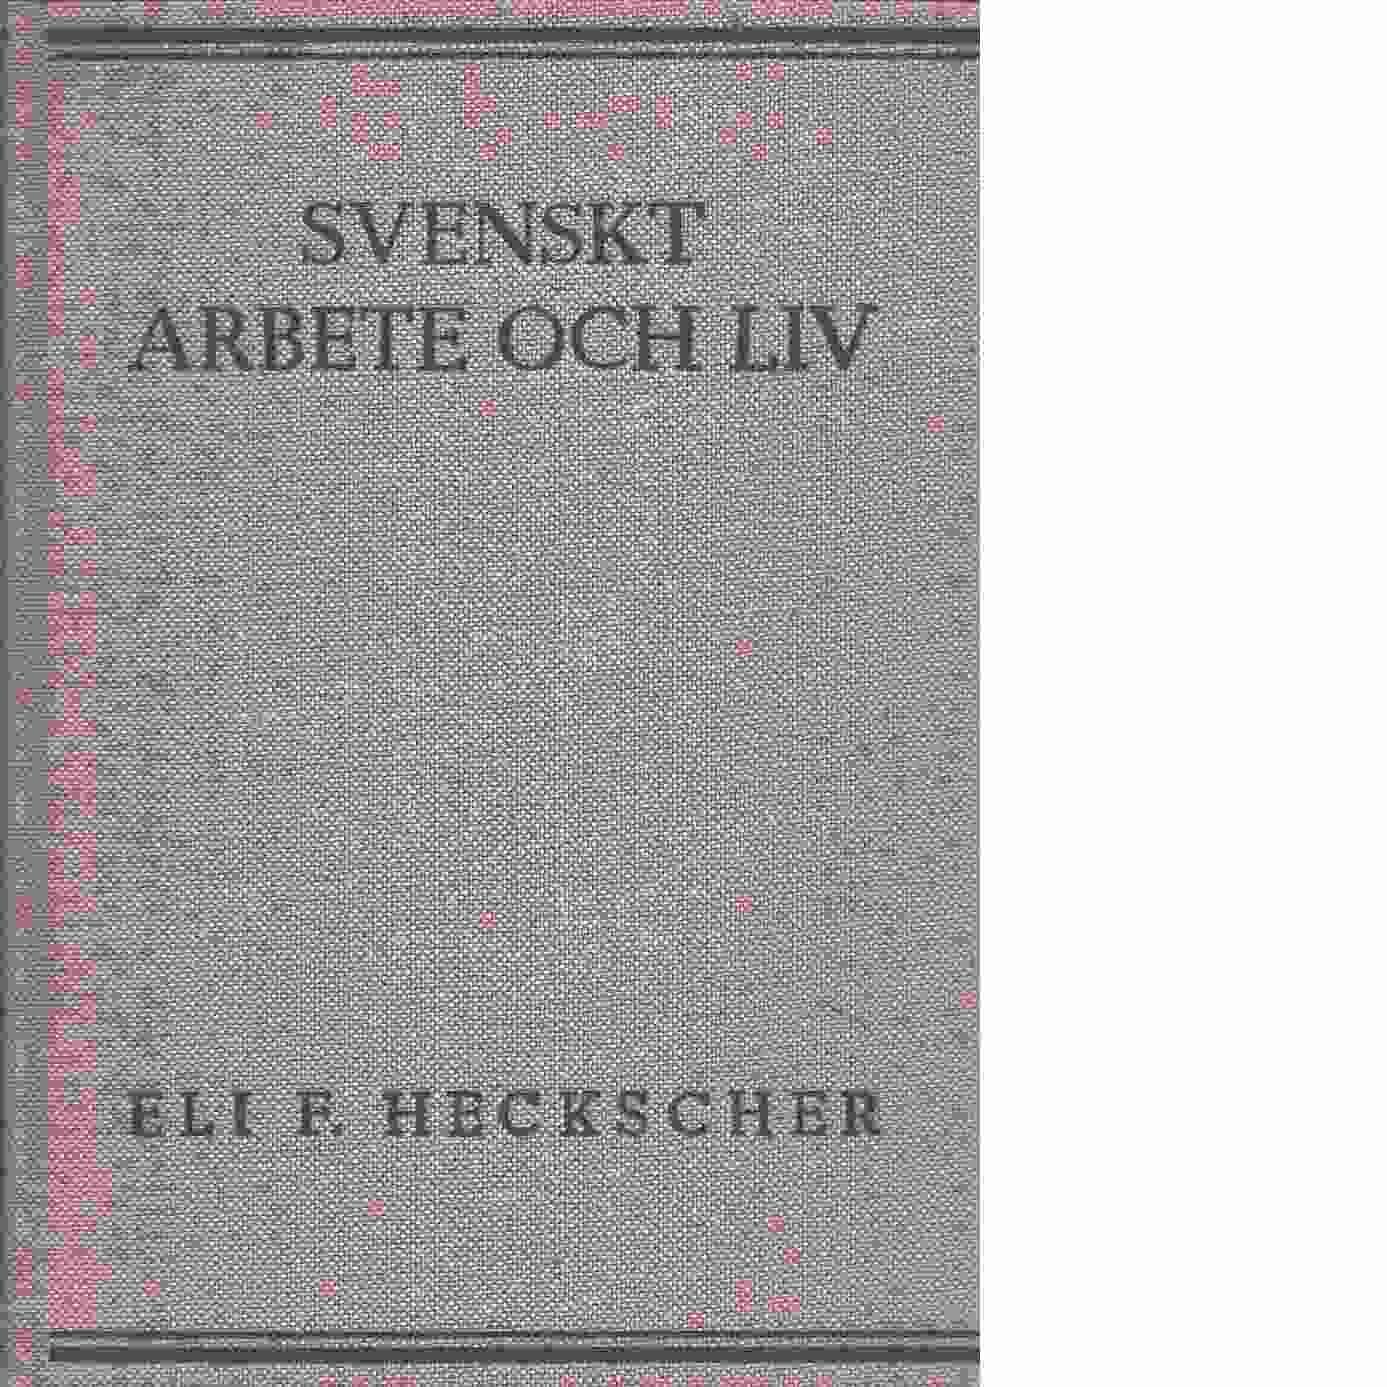 Svenskt arbete och liv : från medeltiden till nutiden - Heckscher, Eli F.